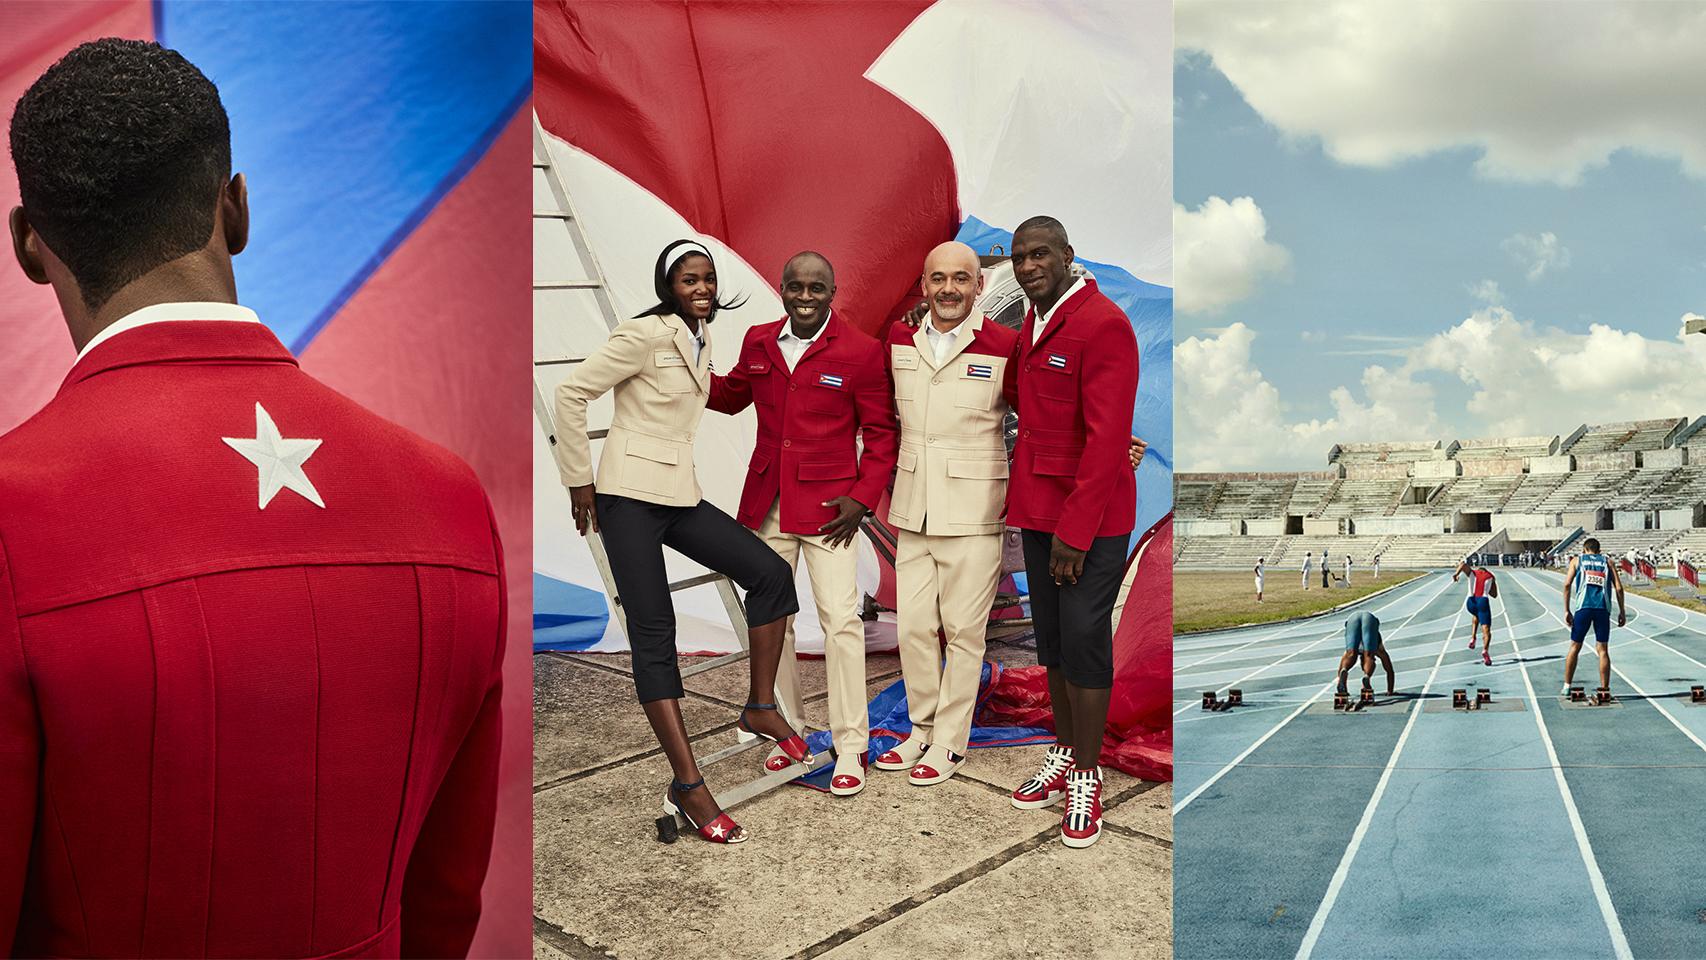 Christian Louboutin diseña la equipación de Cuba para los JJOO de Río 2016.